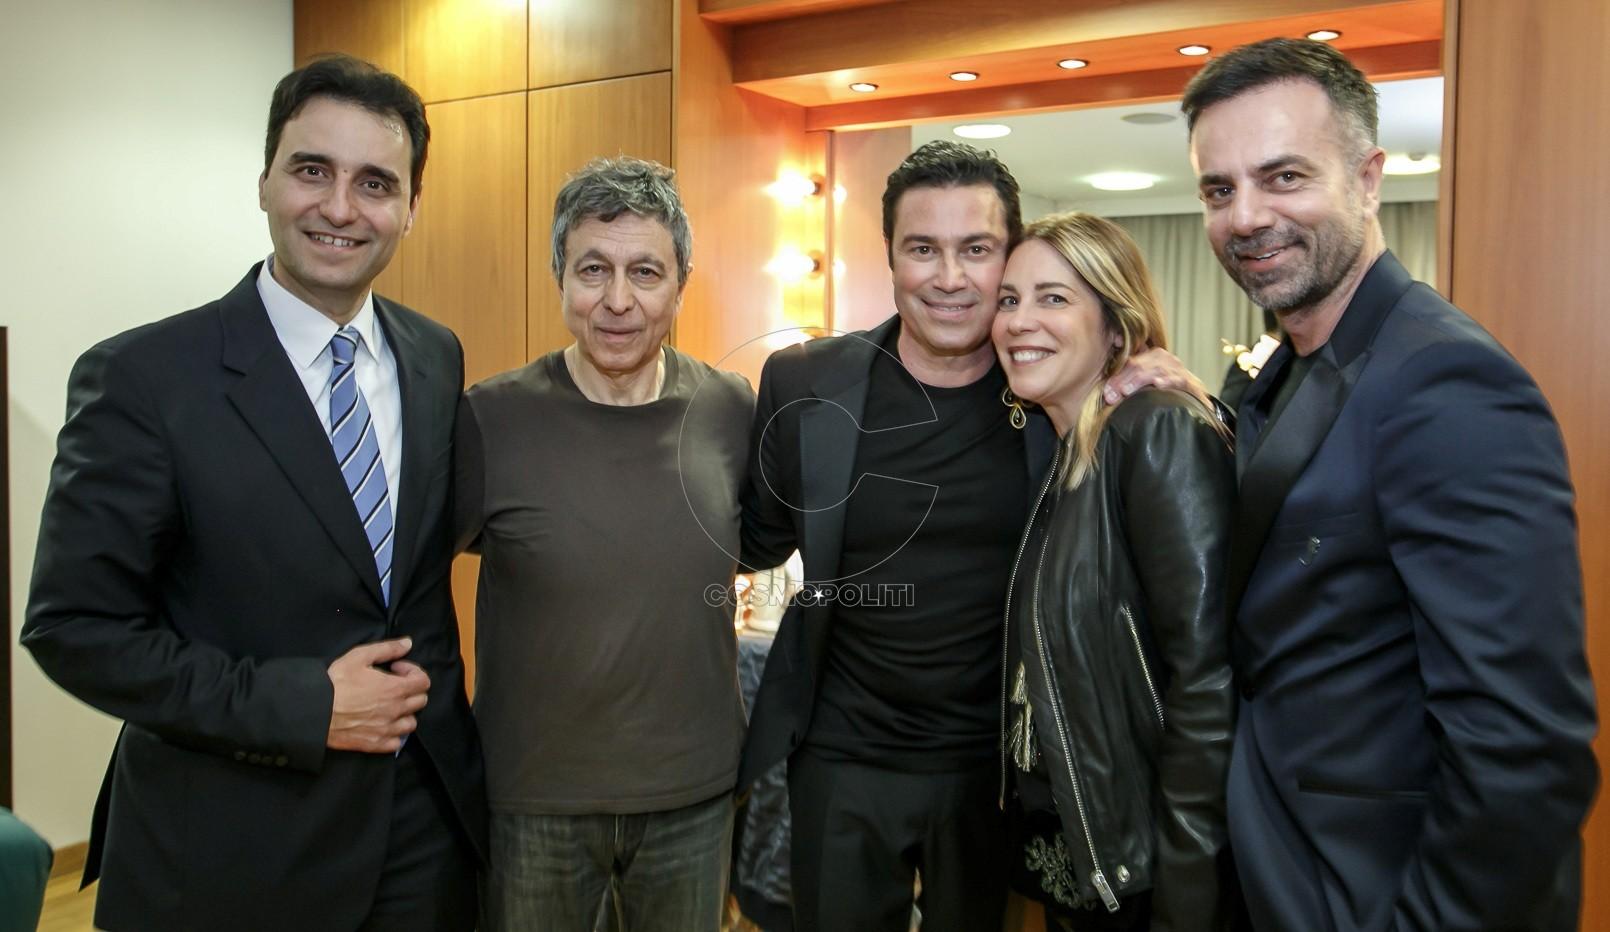 3 Νίκος Πέντζος, Λουκάς Καρυτινός, Μάριος Φραγκούλης, Χριστίνα Τζελέπογλου, Αλέξανδρος Κωτσιόπουλος